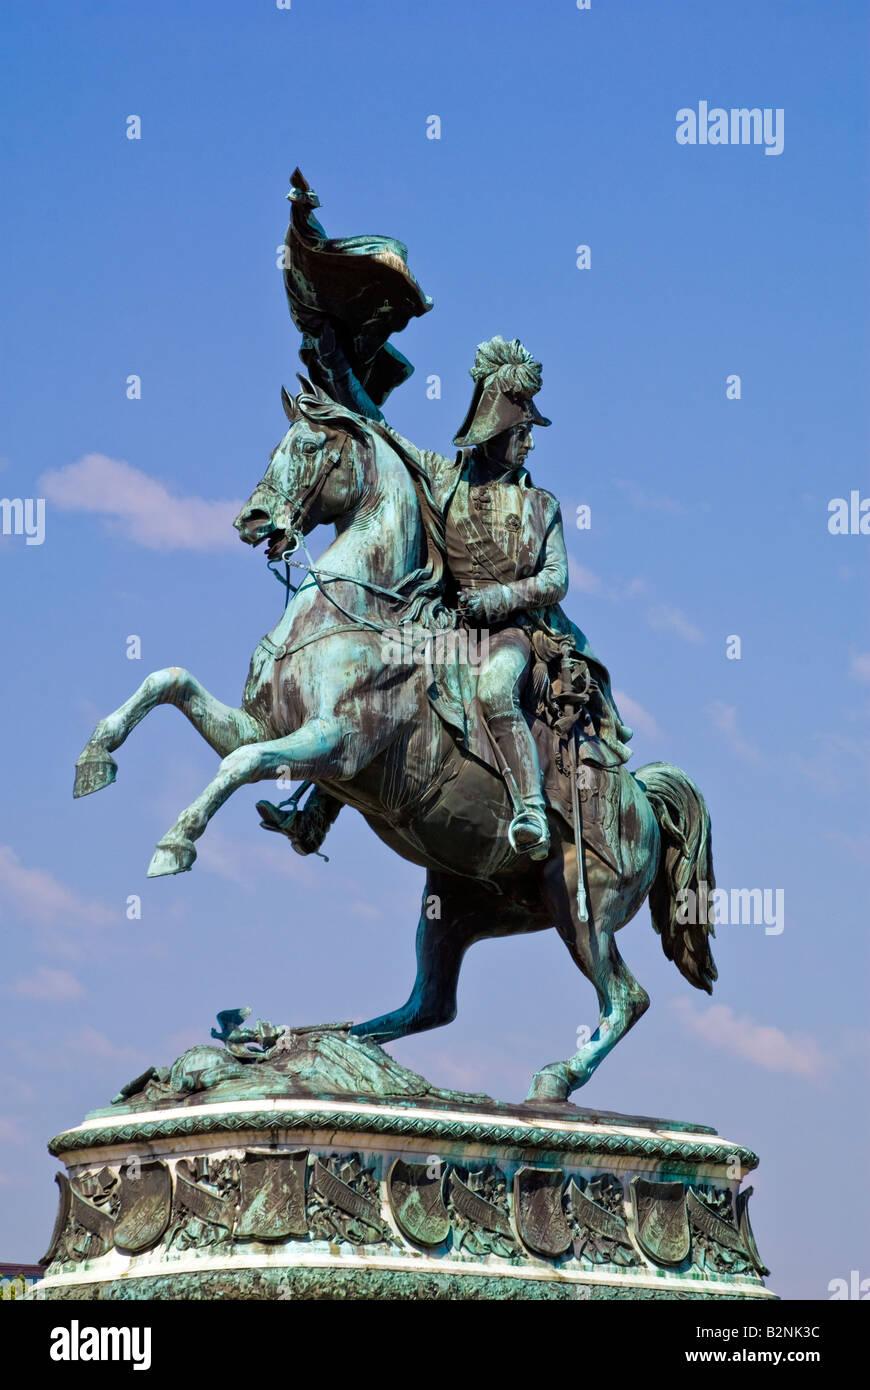 Archduke Charles of Austria, Heldenplatz, Vienna - Stock Image